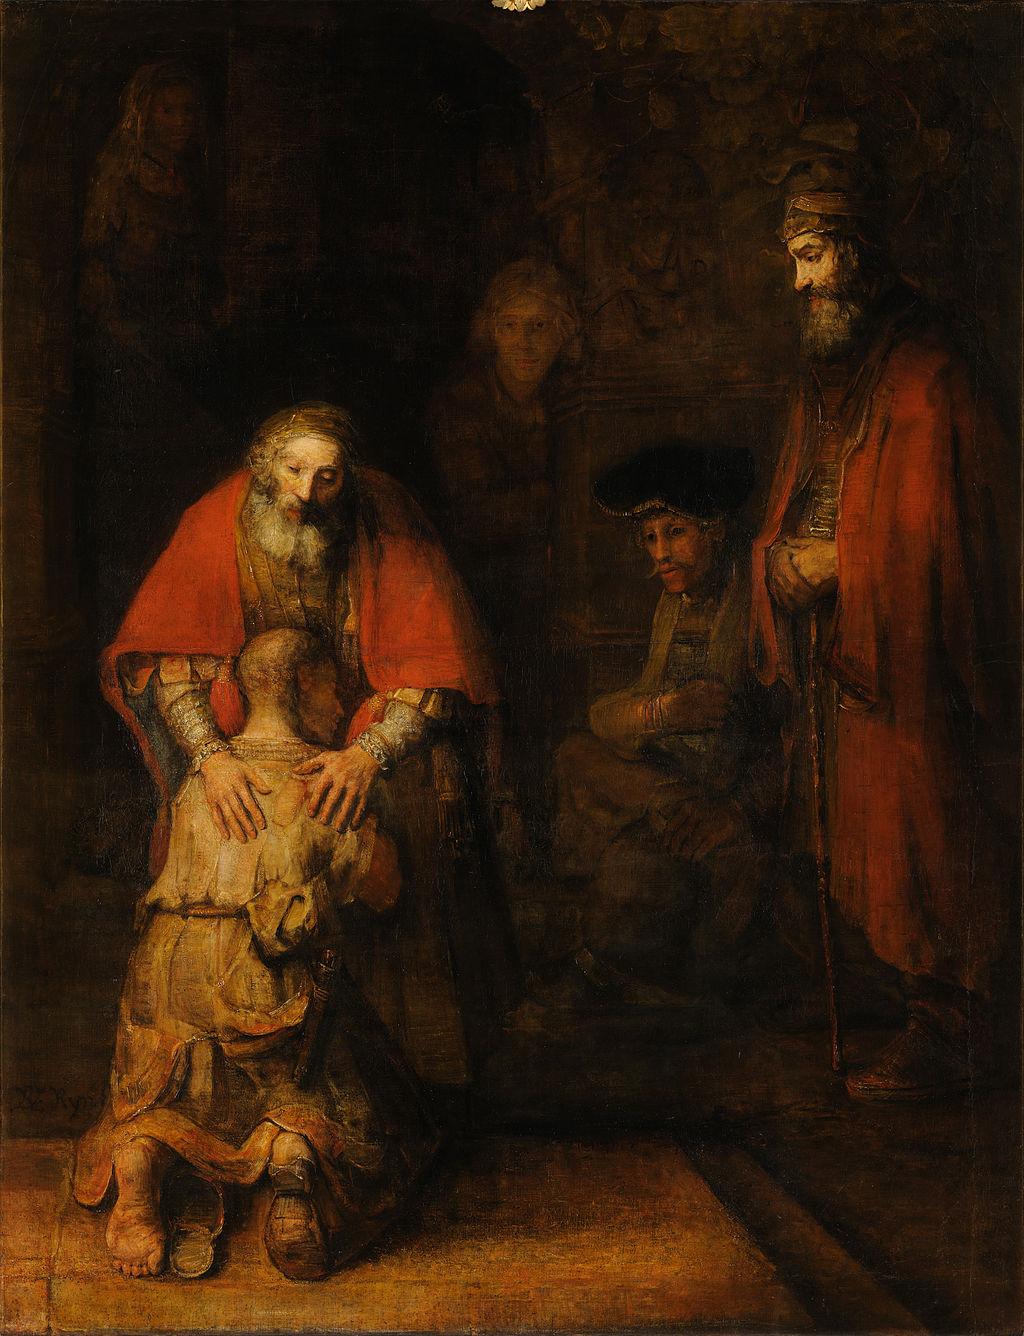 돌아온 탕자 (렘브란트, 1668년)